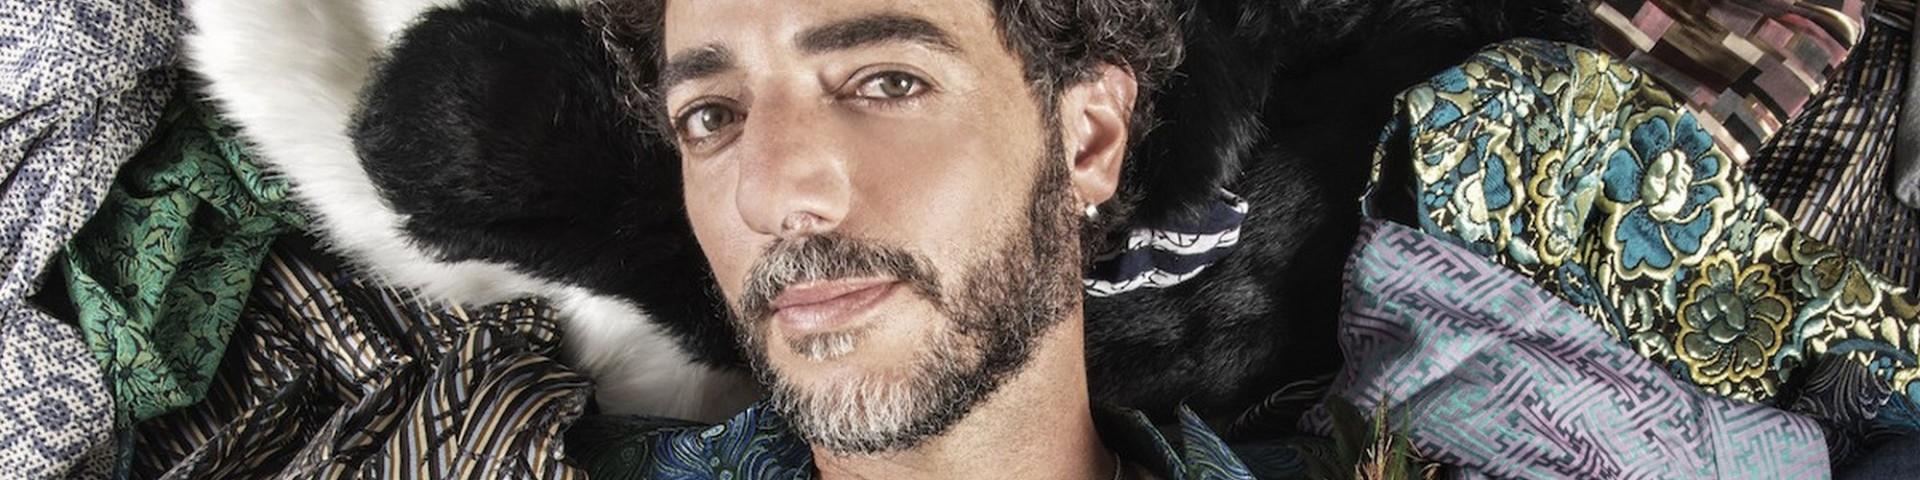 Concerto Max Gazzè a Anzio – 2 agosto: dove è, biglietti, scaletta e ospiti